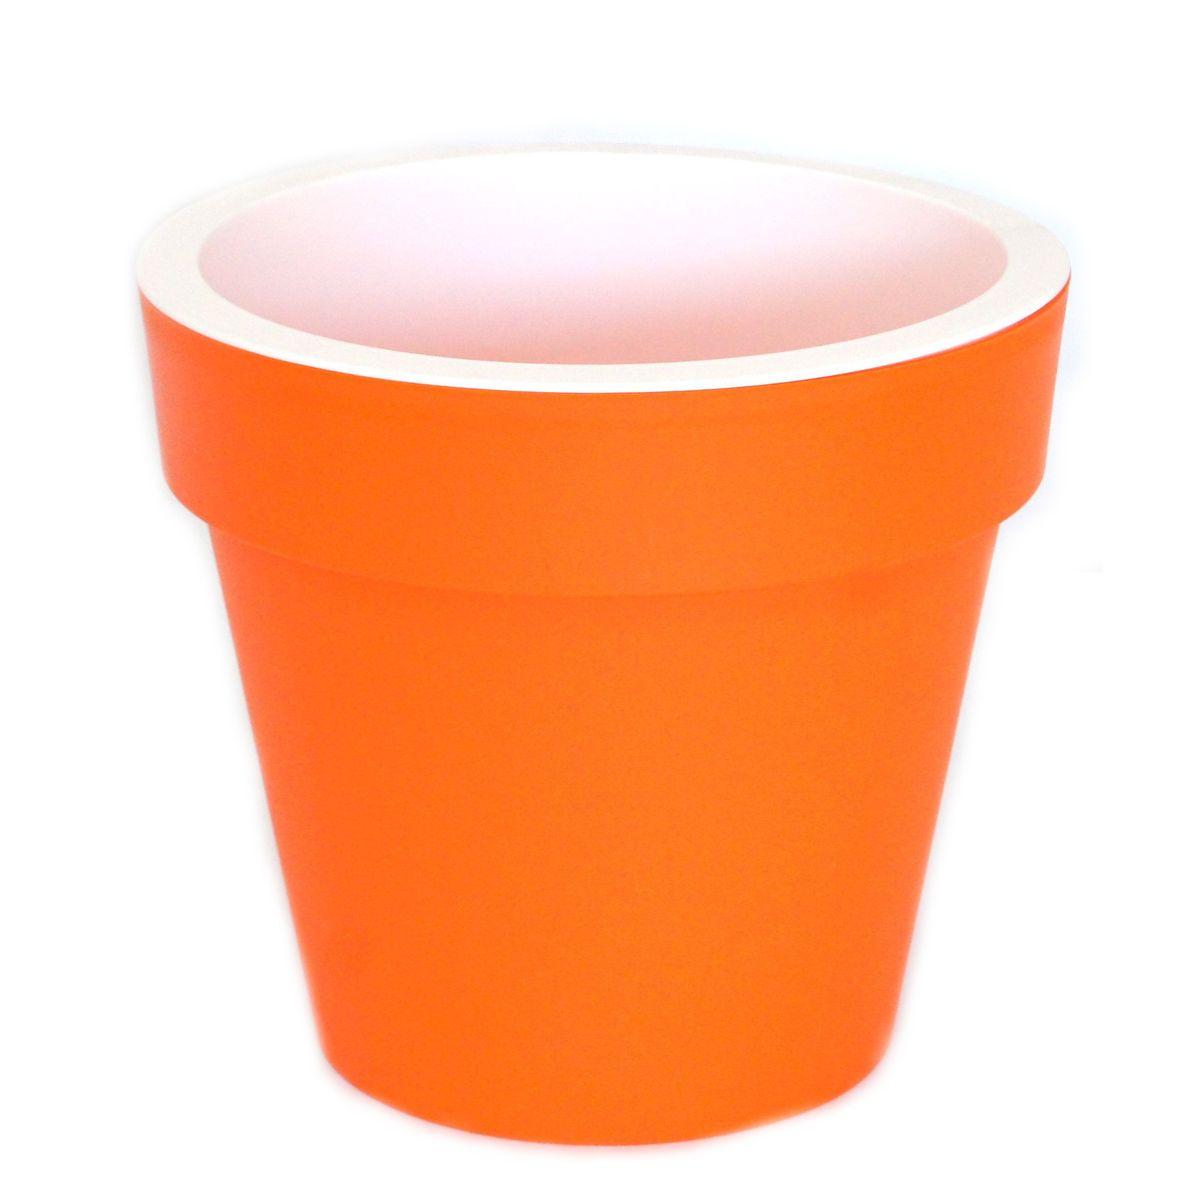 Кашпо JetPlast Порто, со вставкой, цвет: оранжевый, 6 л4612754052974Кашпо Порто классической формы с внутренней вставкой-горшком. Дренажная вставка позволяет легко поливать растения без использования дополнительного поддона. Вместительный объем кашпо позволяет высаживать самые разнообразные растения, а съемная вставка избавит вас от грязи и подчеркнет красоту цветка. Оно изготовлено из прочного полипропилена (пластика). Такое кашпо порадует вас функциональностью, а благодаря лаконичному дизайну впишется в любой интерьер помещения. Объем кашпо: 6 л.